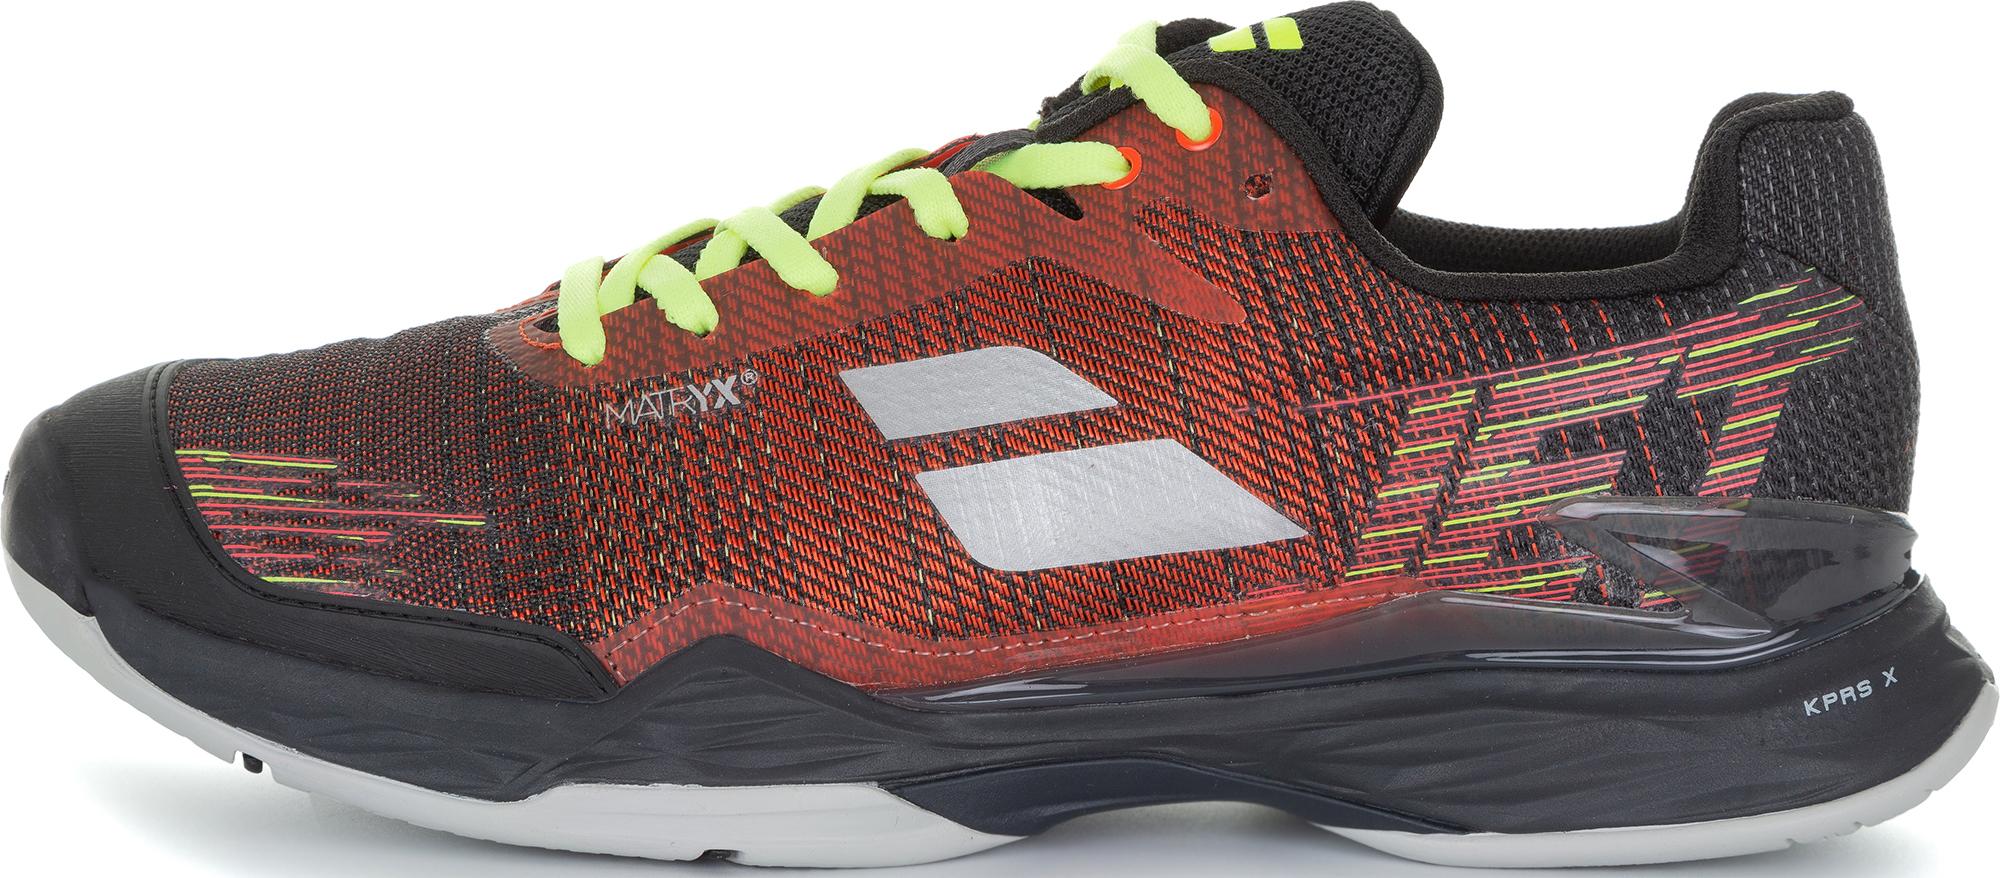 Babolat Кроссовки мужские Babolat Jet Mach II All Court, размер 41,5 кроссовки мужские adidas all court цвет белый bb9926 размер 7 39